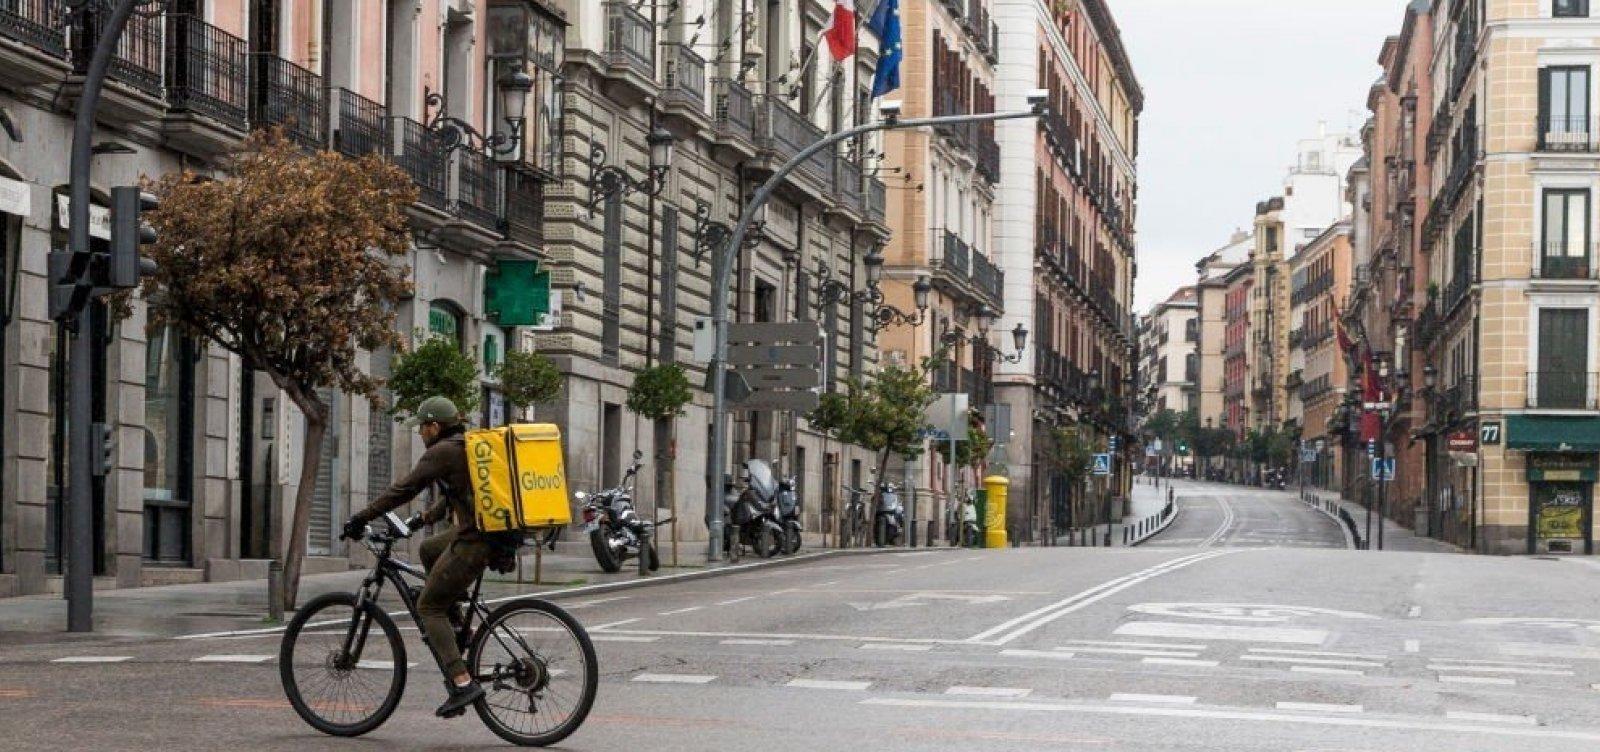 [Coronavírus: Espanha bate recorde com 10.476 novos casos em 24h]